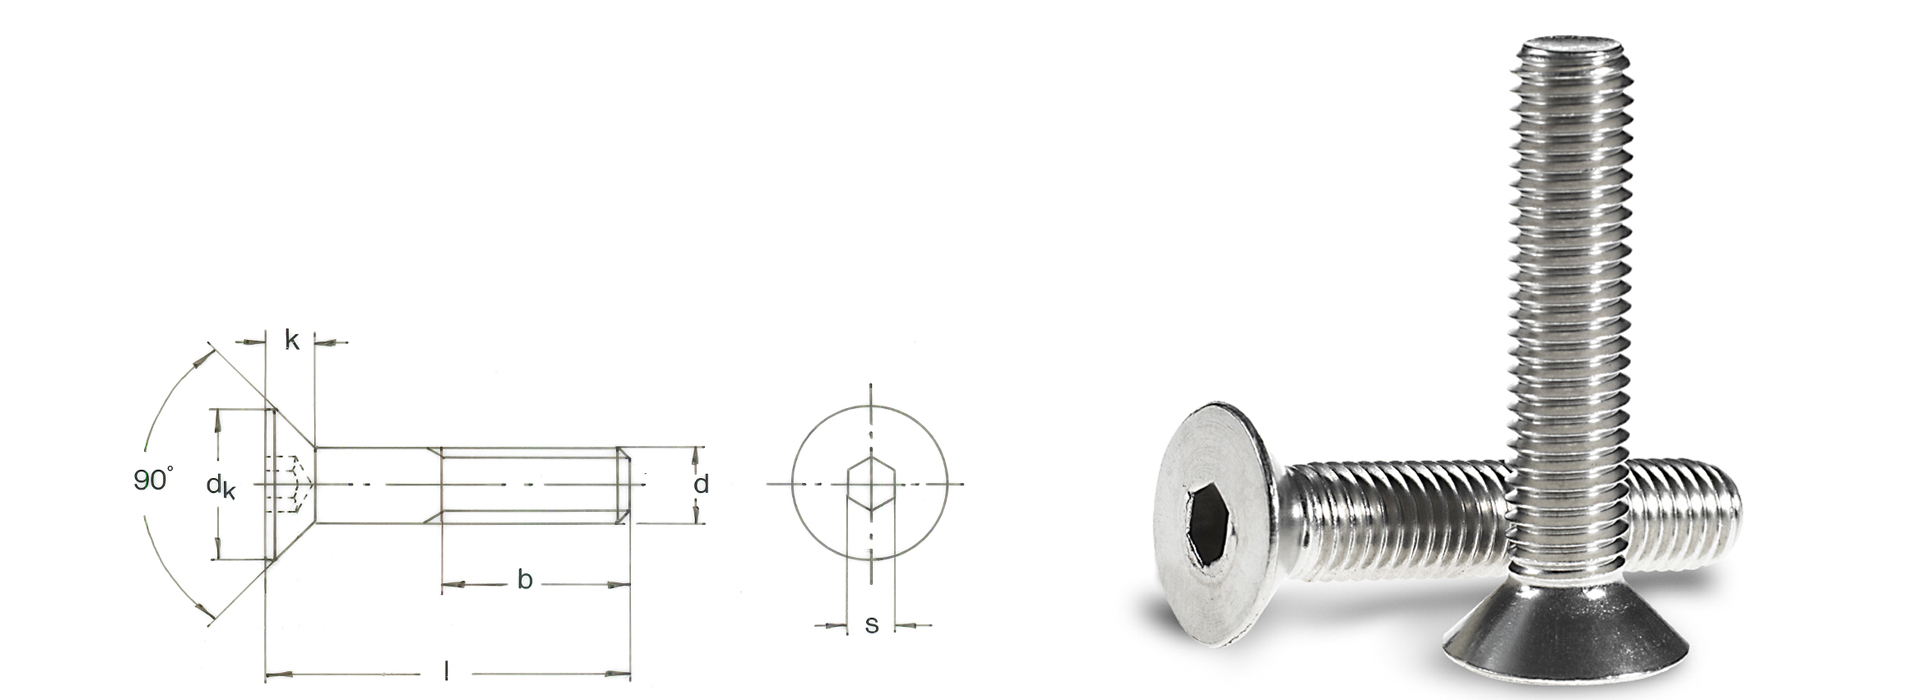 Progettazione-viti-speciali-a-disegno-mivitech-system-brescia-slide01